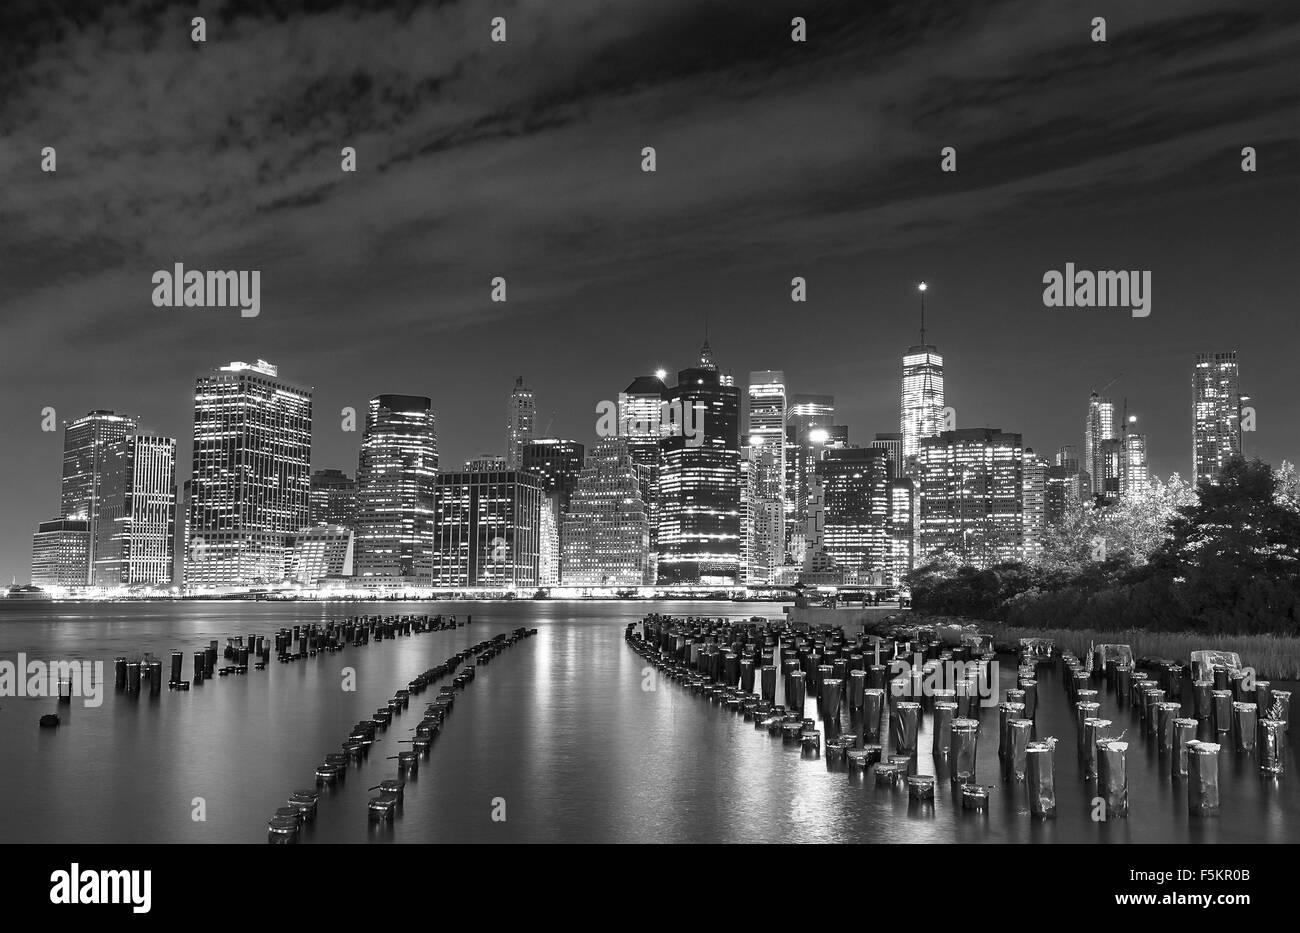 Foto in bianco e nero di Manhattan waterfront di notte, la città di New York, Stati Uniti d'America. Immagini Stock